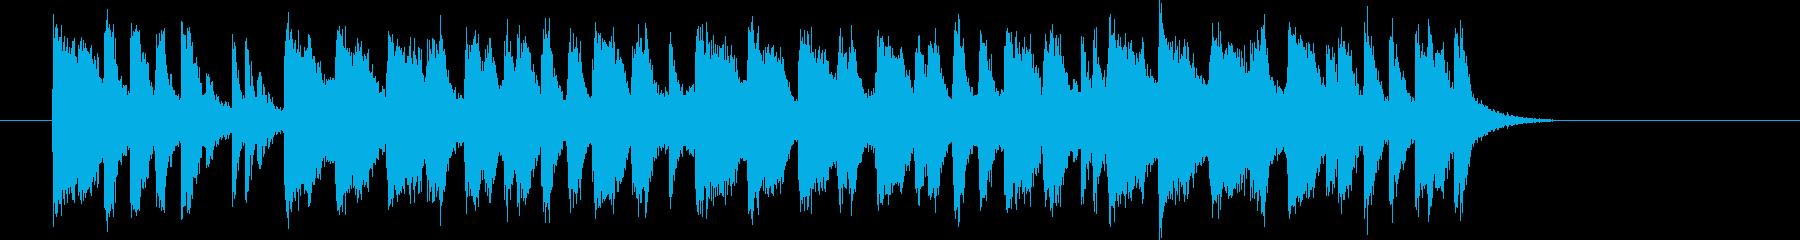 アップテンポのイントロの再生済みの波形